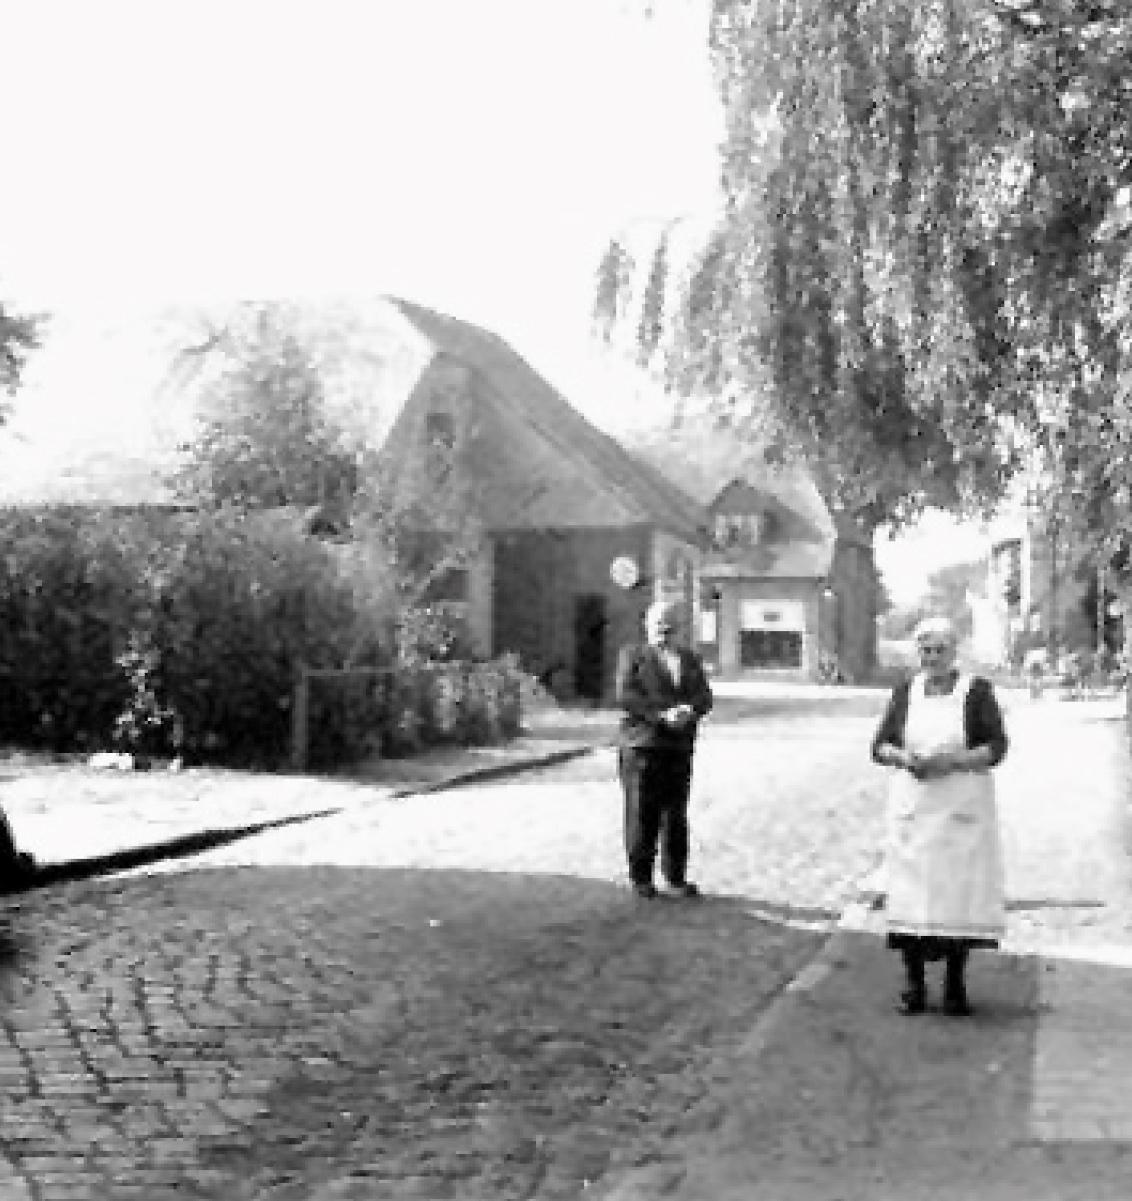 dorf_bilder/Chronik-Hennstedt-312-2.jpg